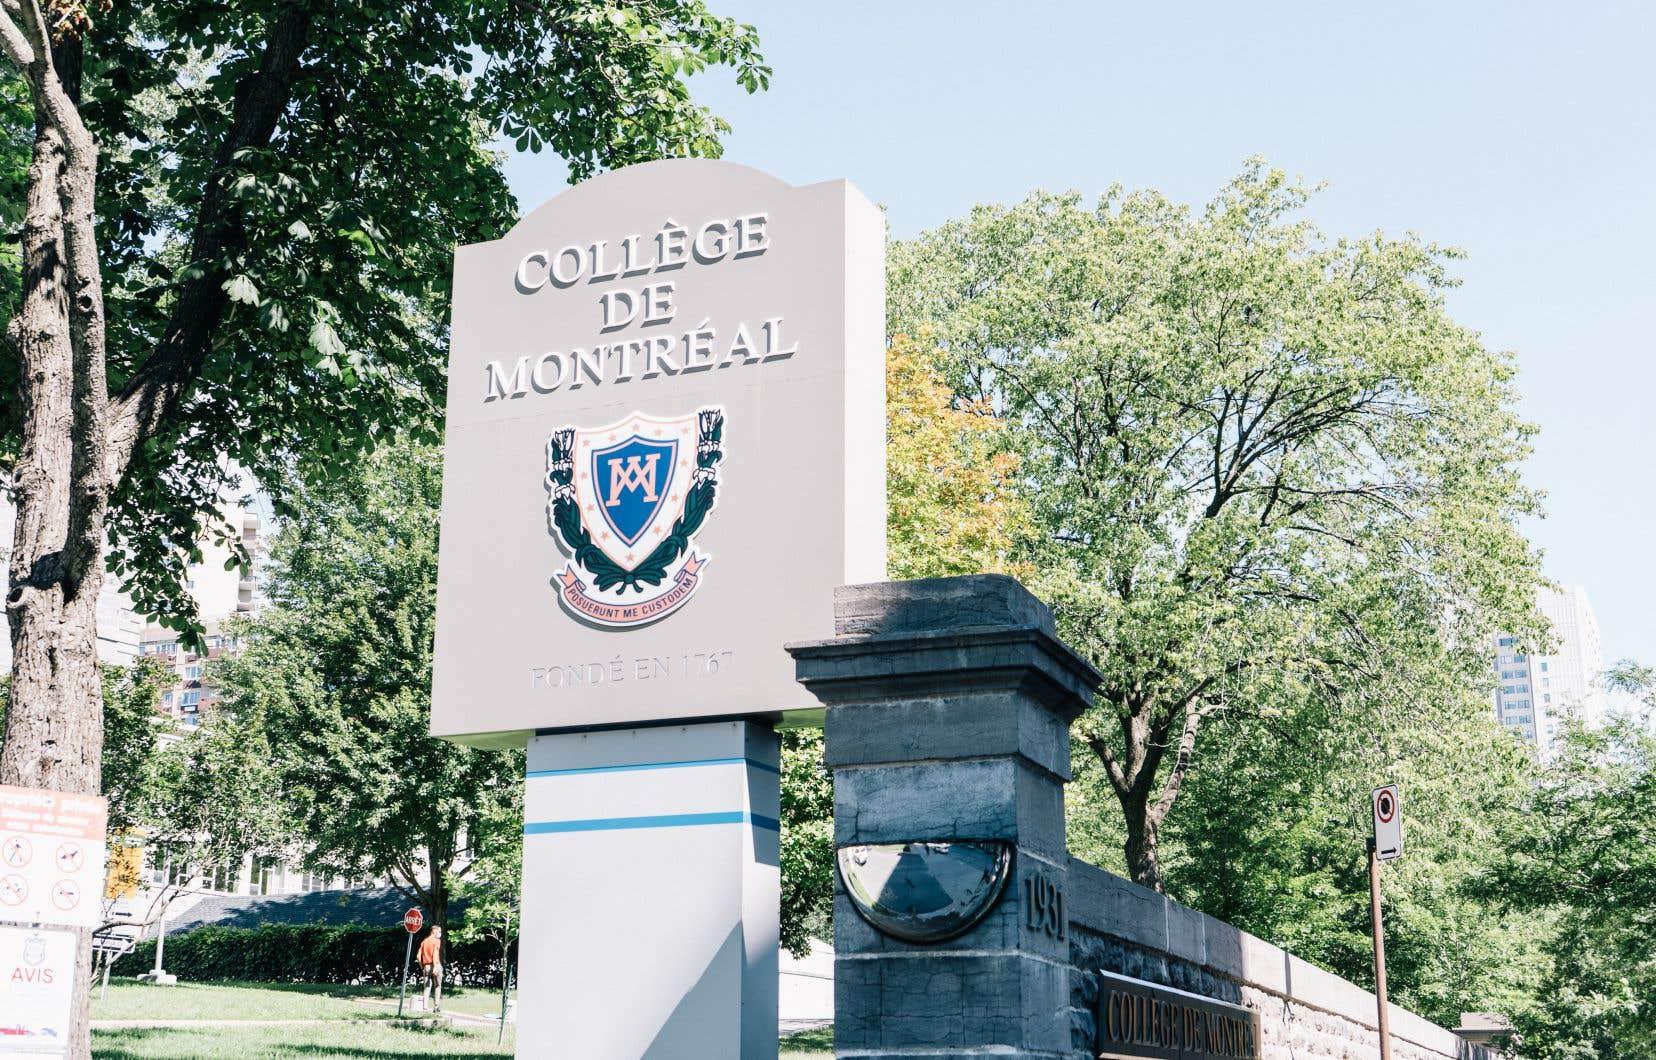 Le vendredi 19mars dernier, la directrice du Collège de Montréal, Patricia Steben, est avertie qu'un de ses élèves est déclaré positif à la COVID-19. Le lendemain après-midi, on lui a annoncé qu'il s'agissait finalement d'un cas présumé de variant.